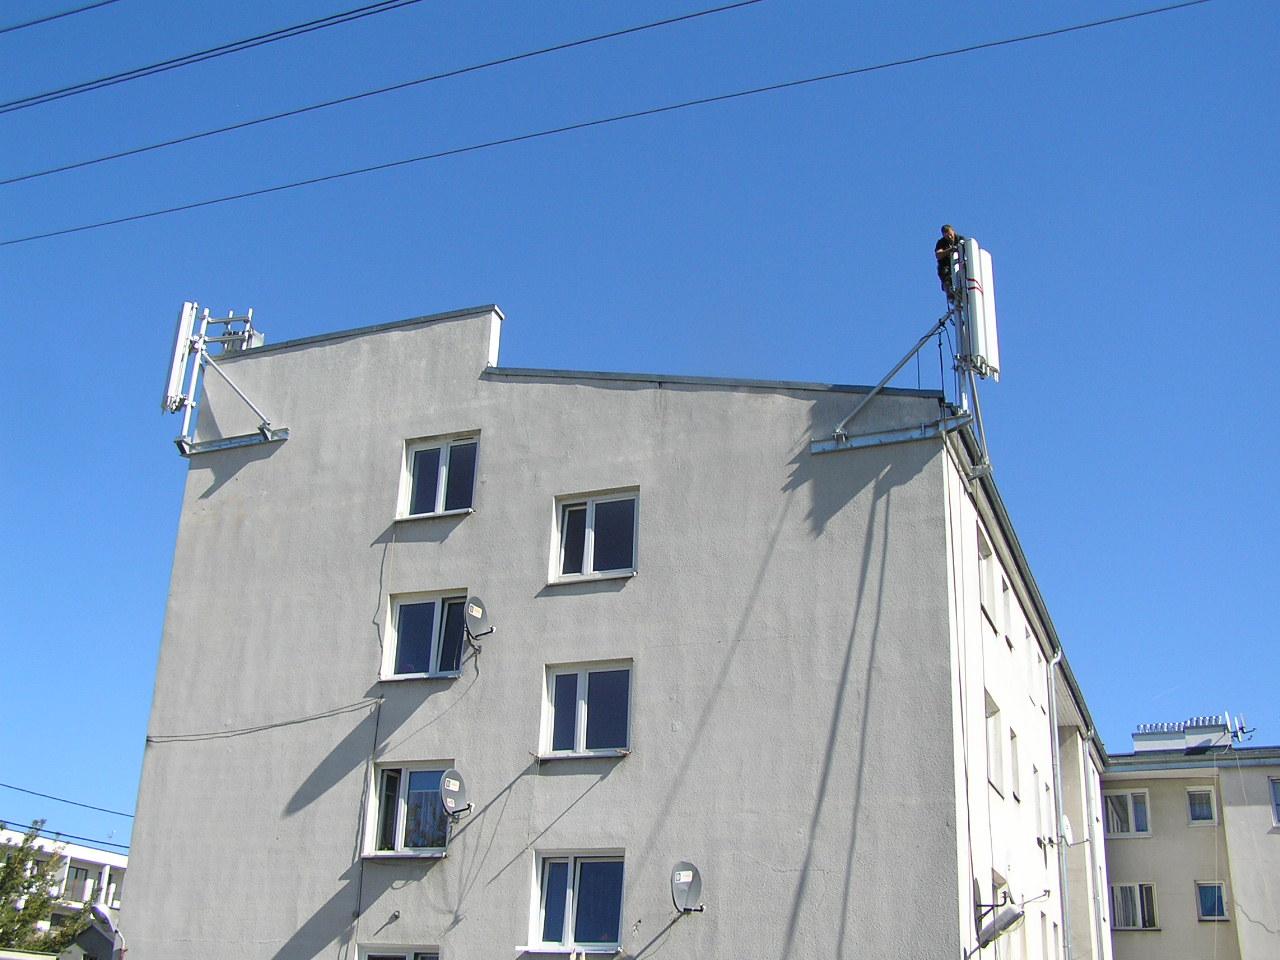 Na dachu bloku przy Wiarusów 15 zainstalowano maszty